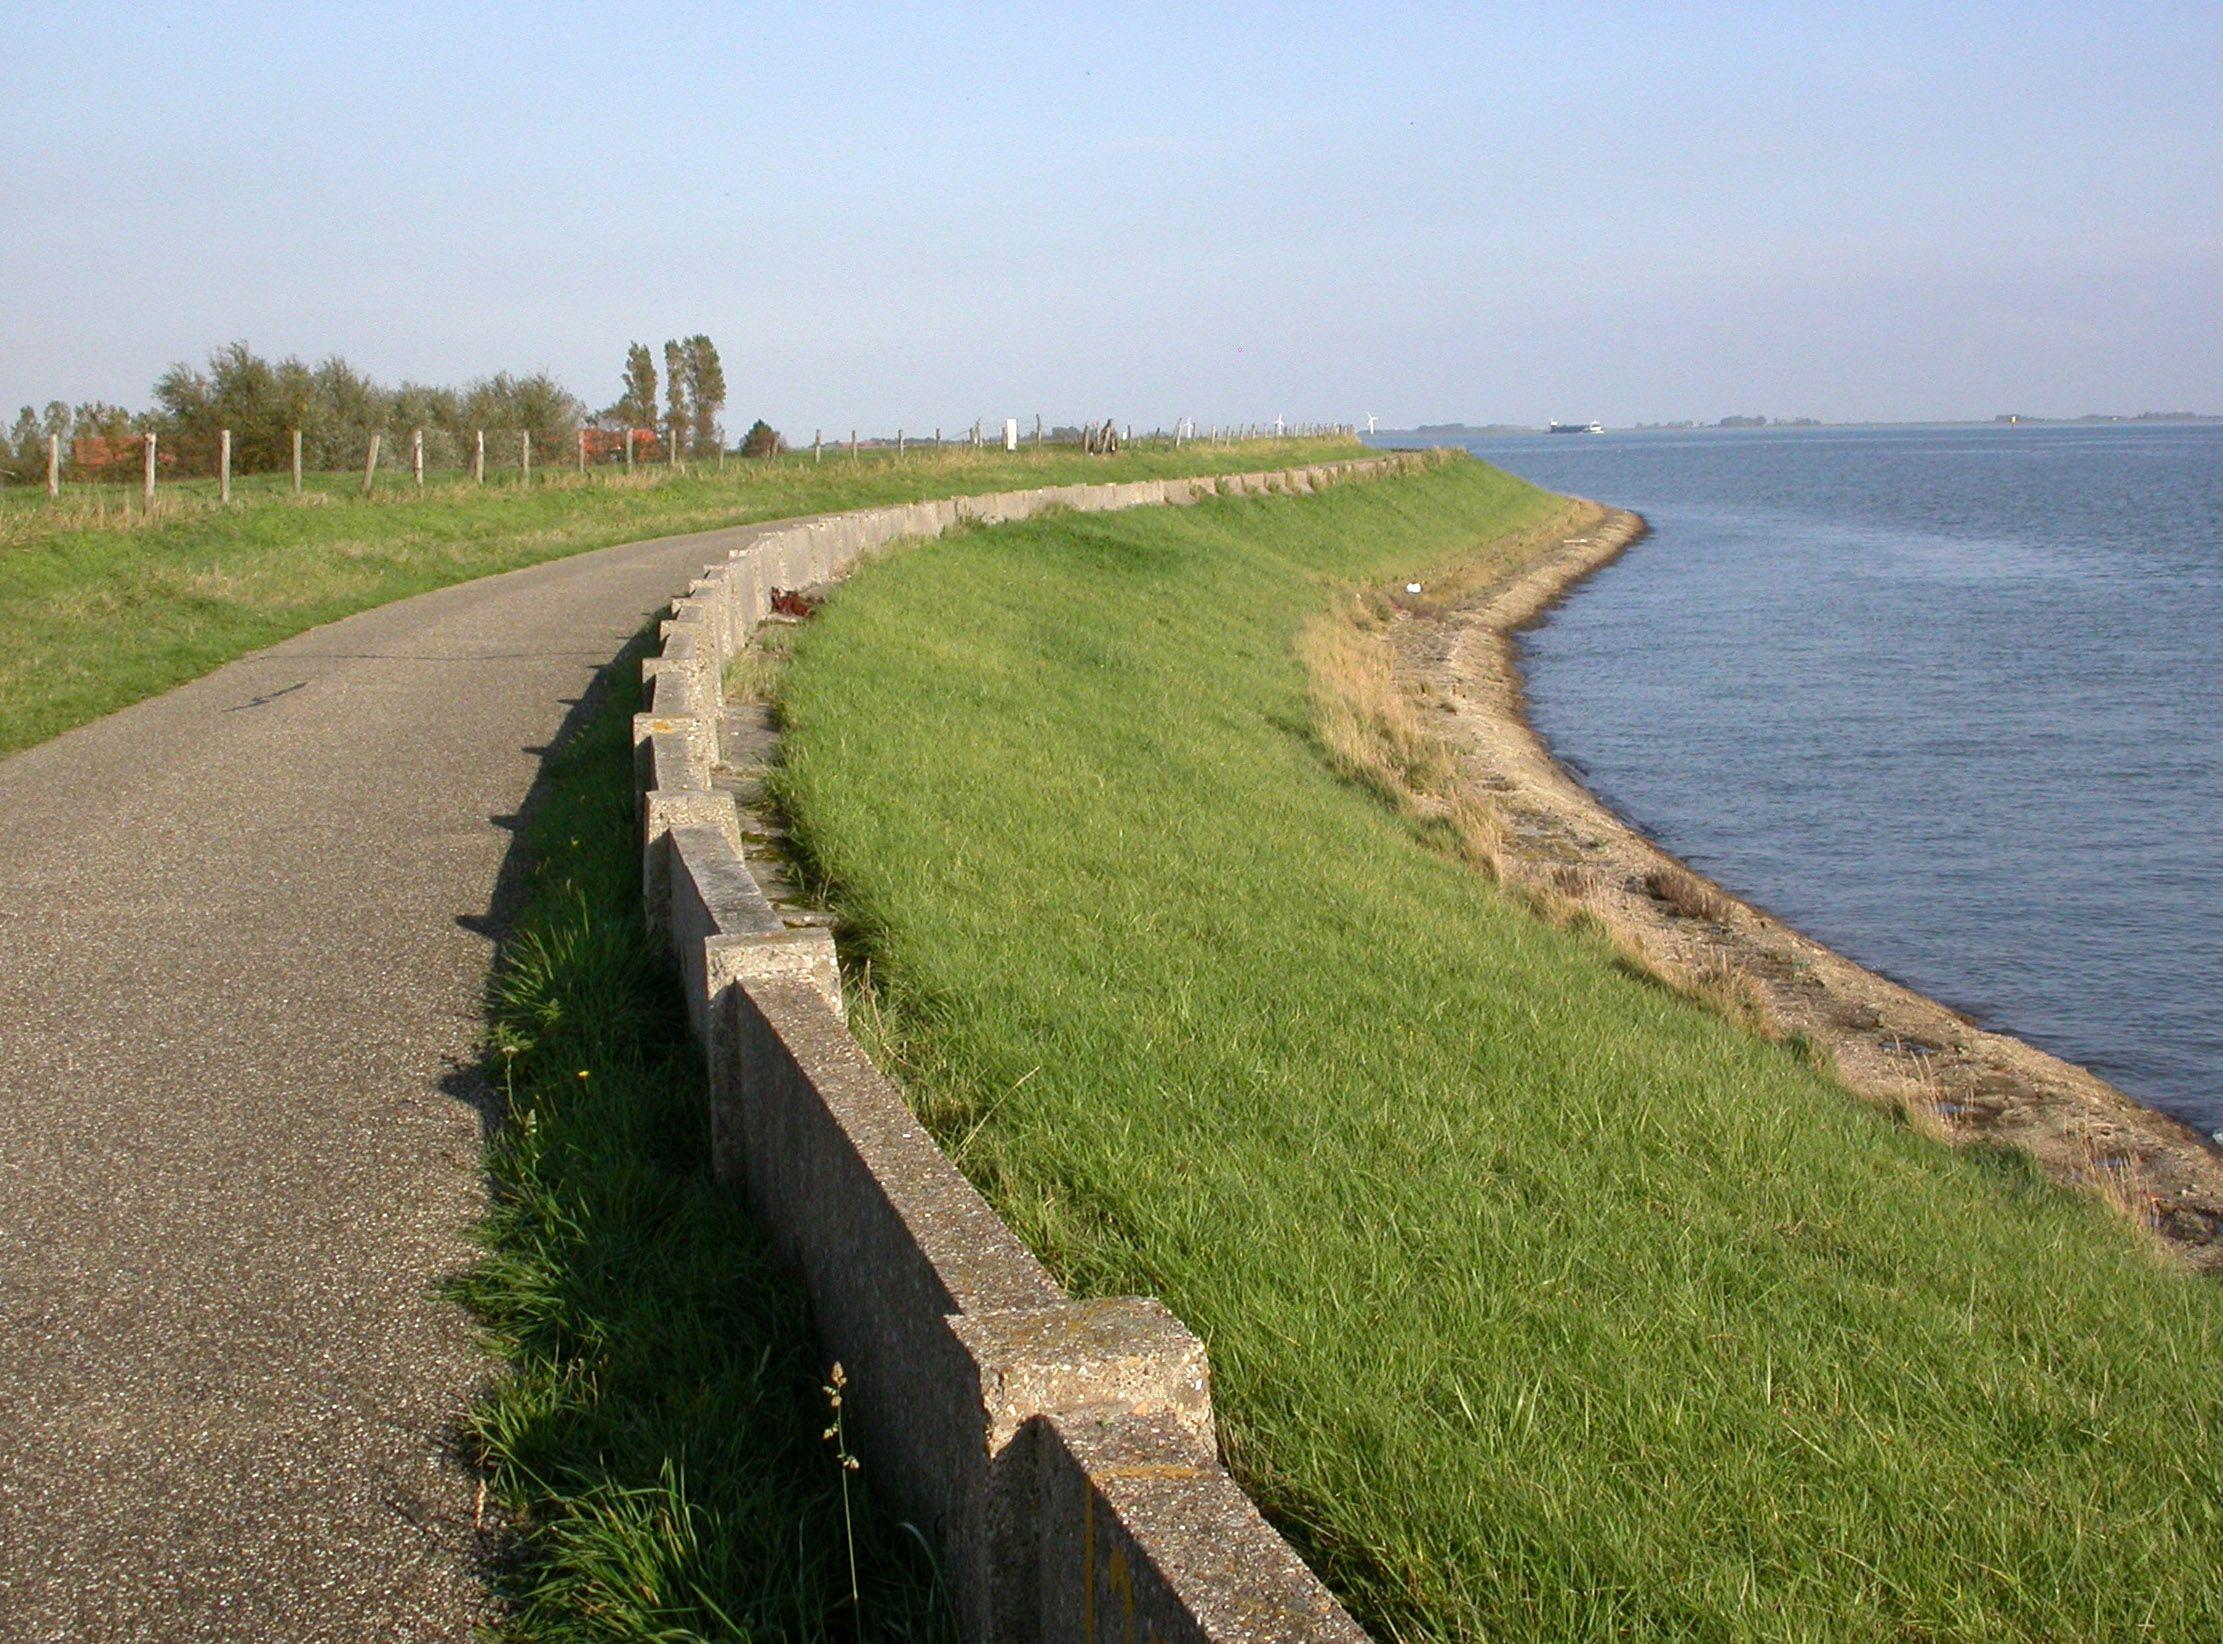 Muraltmuur bij de Oosterlandpolder, 2008. (Beeldbank Rijkswaterstaat, foto Jan van den Broeke)